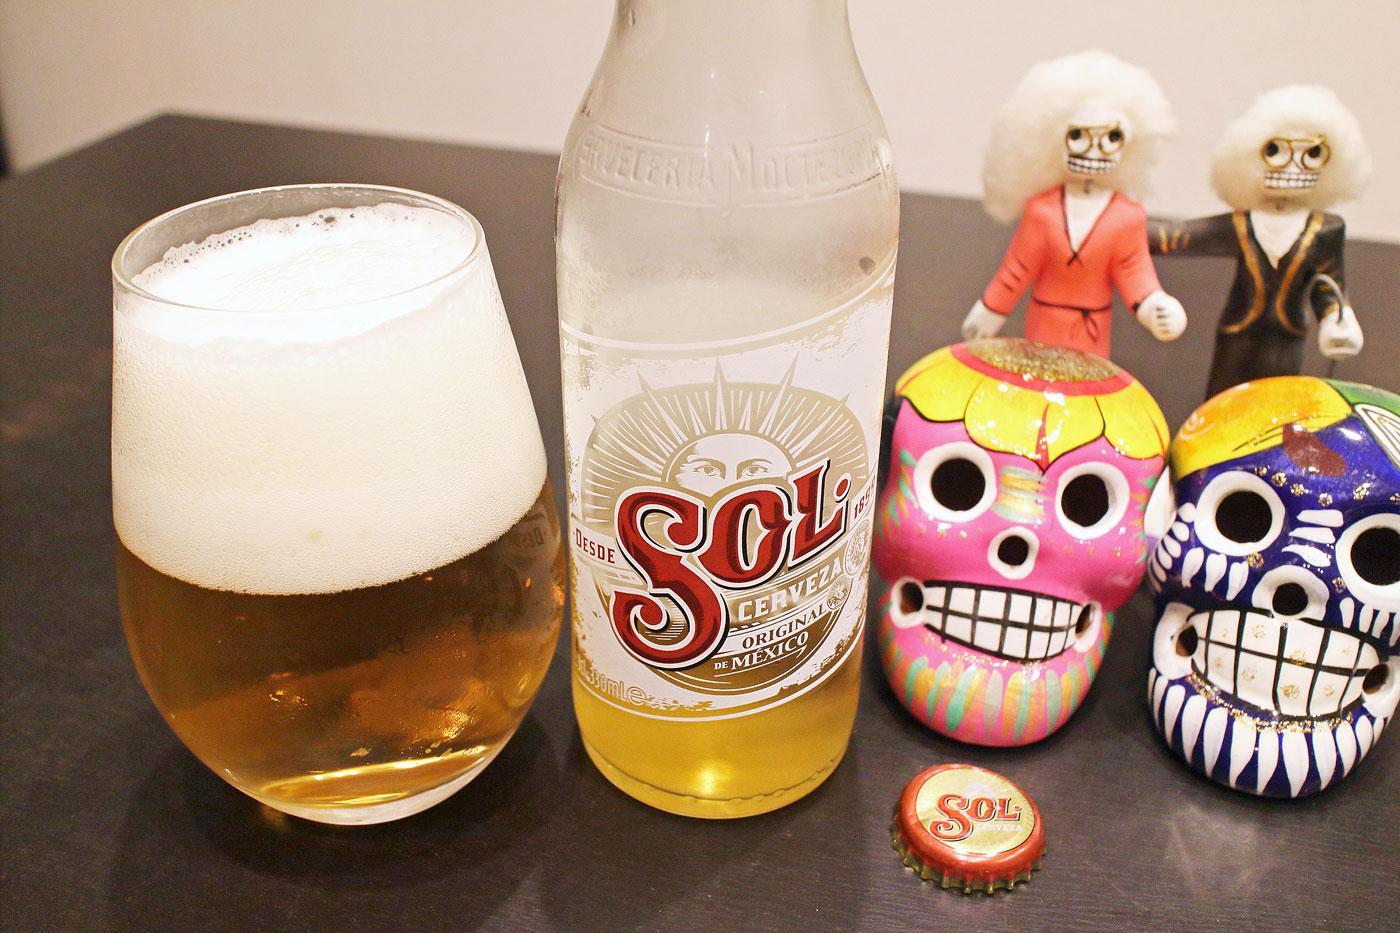 メキシコのビール「SOL(ソル)」堪能!【世界遺産とビールと私】